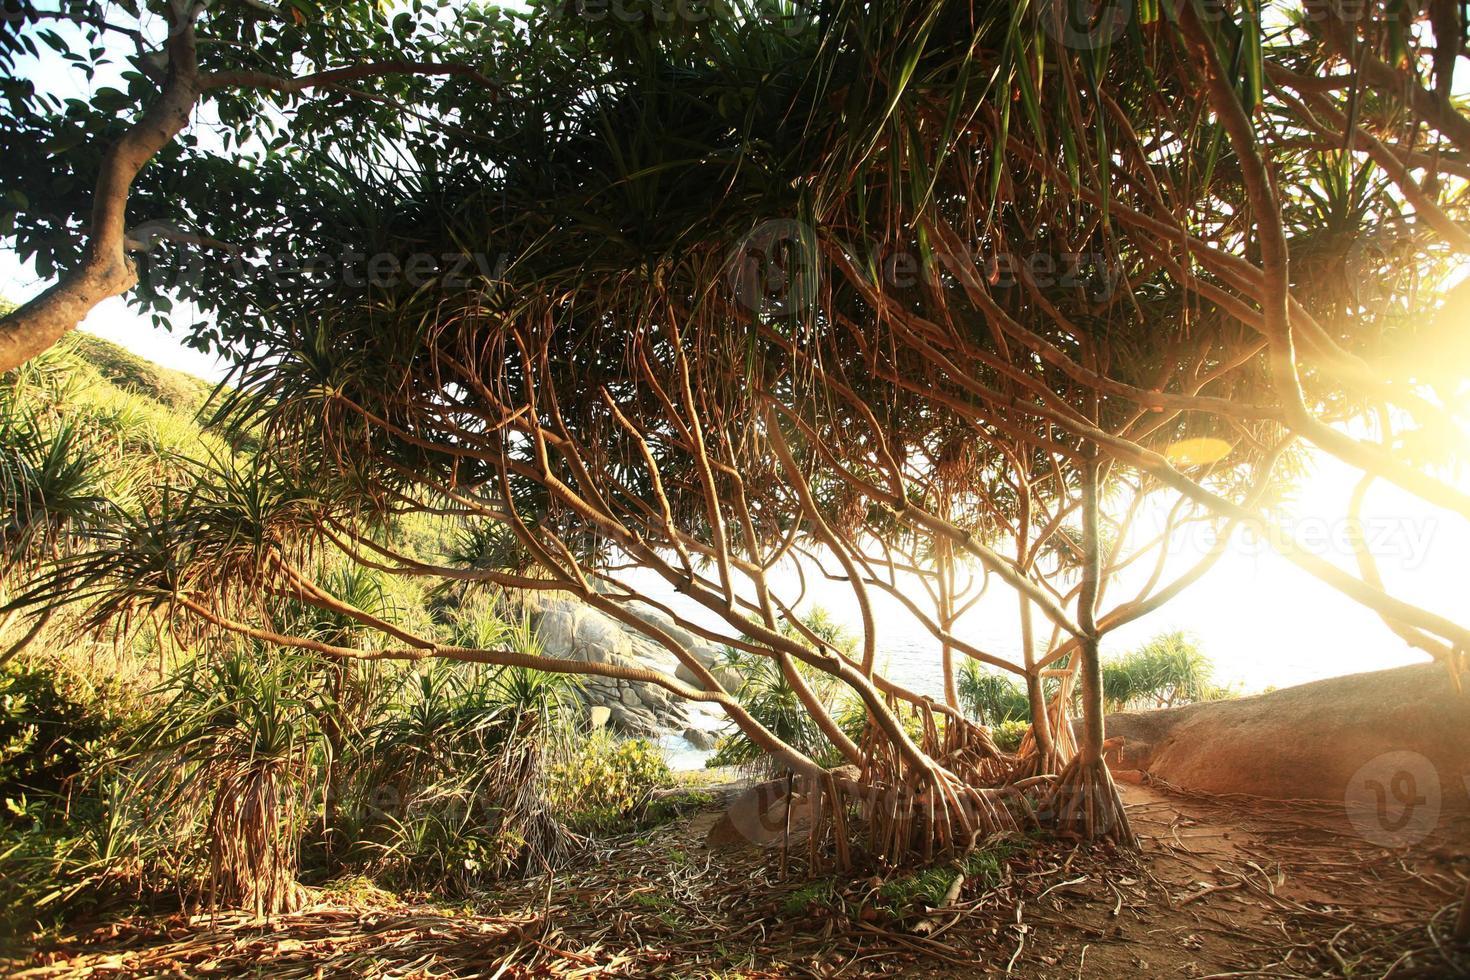 Dschungel auf einer schönen Insel foto